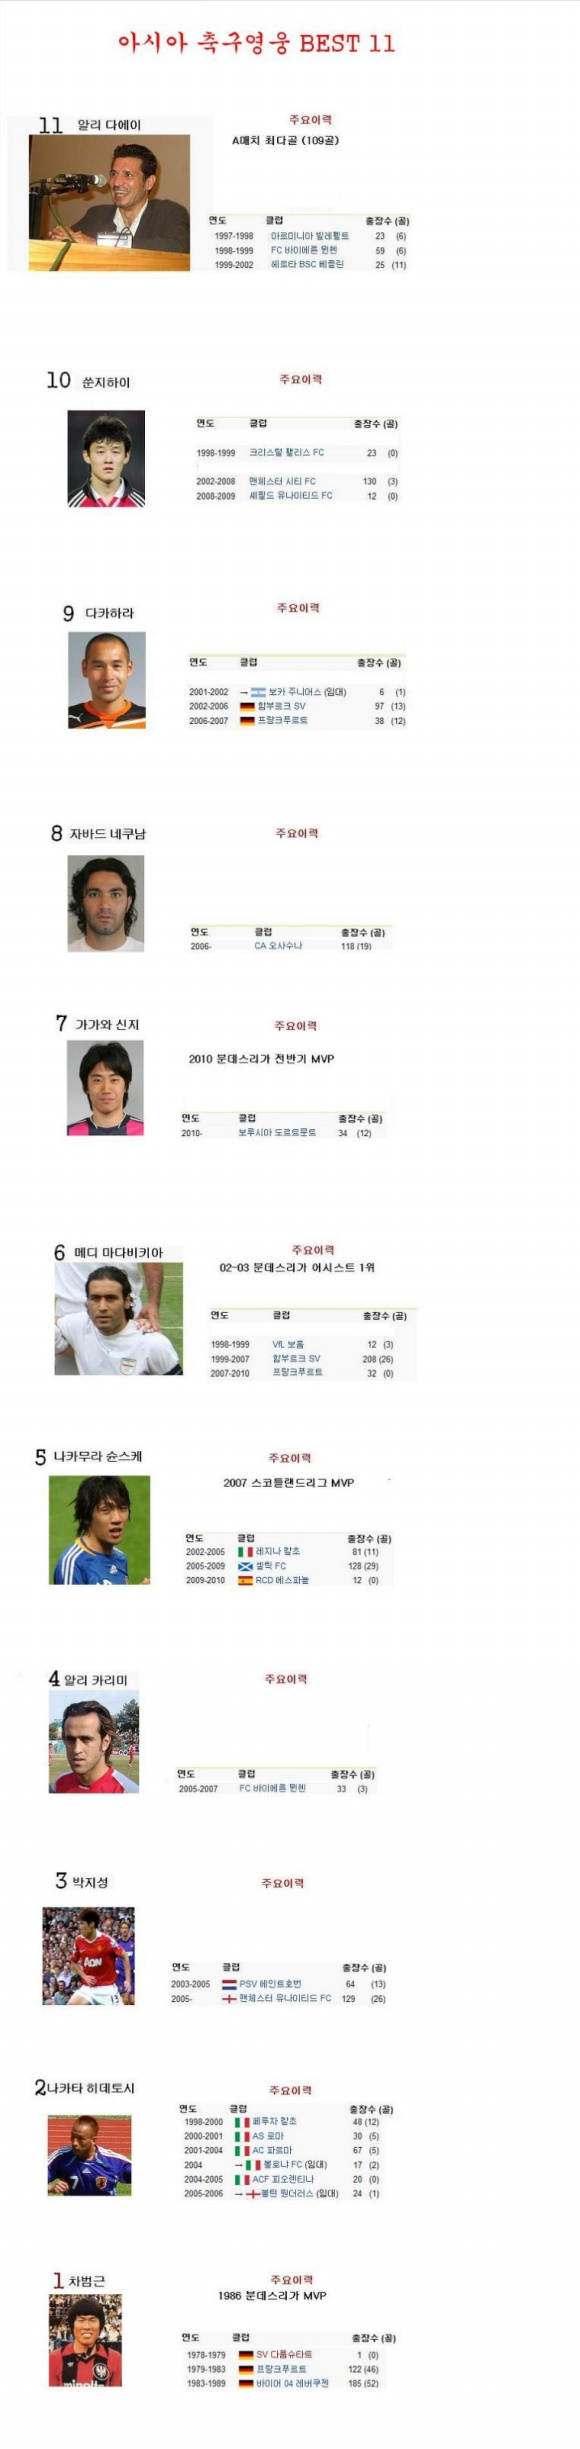 아시아 축구선수 랭킹!